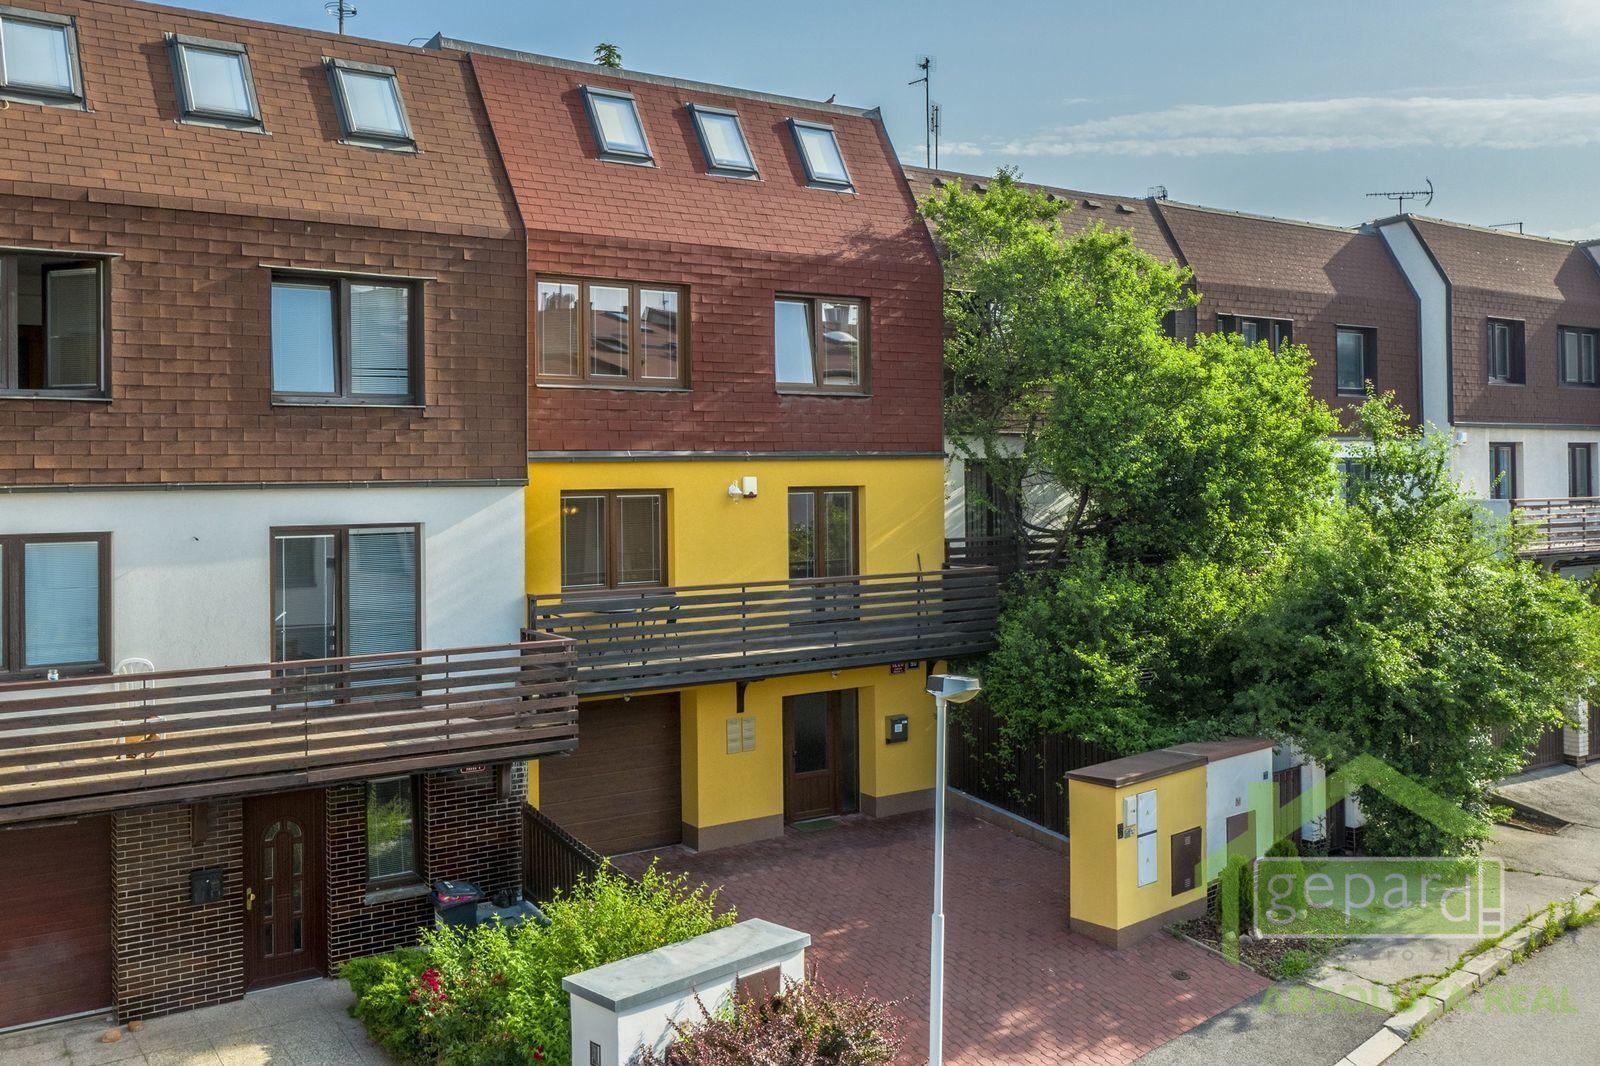 Prodej domu (kanceláře+ubytování), 279 m2, Praha - Chodov